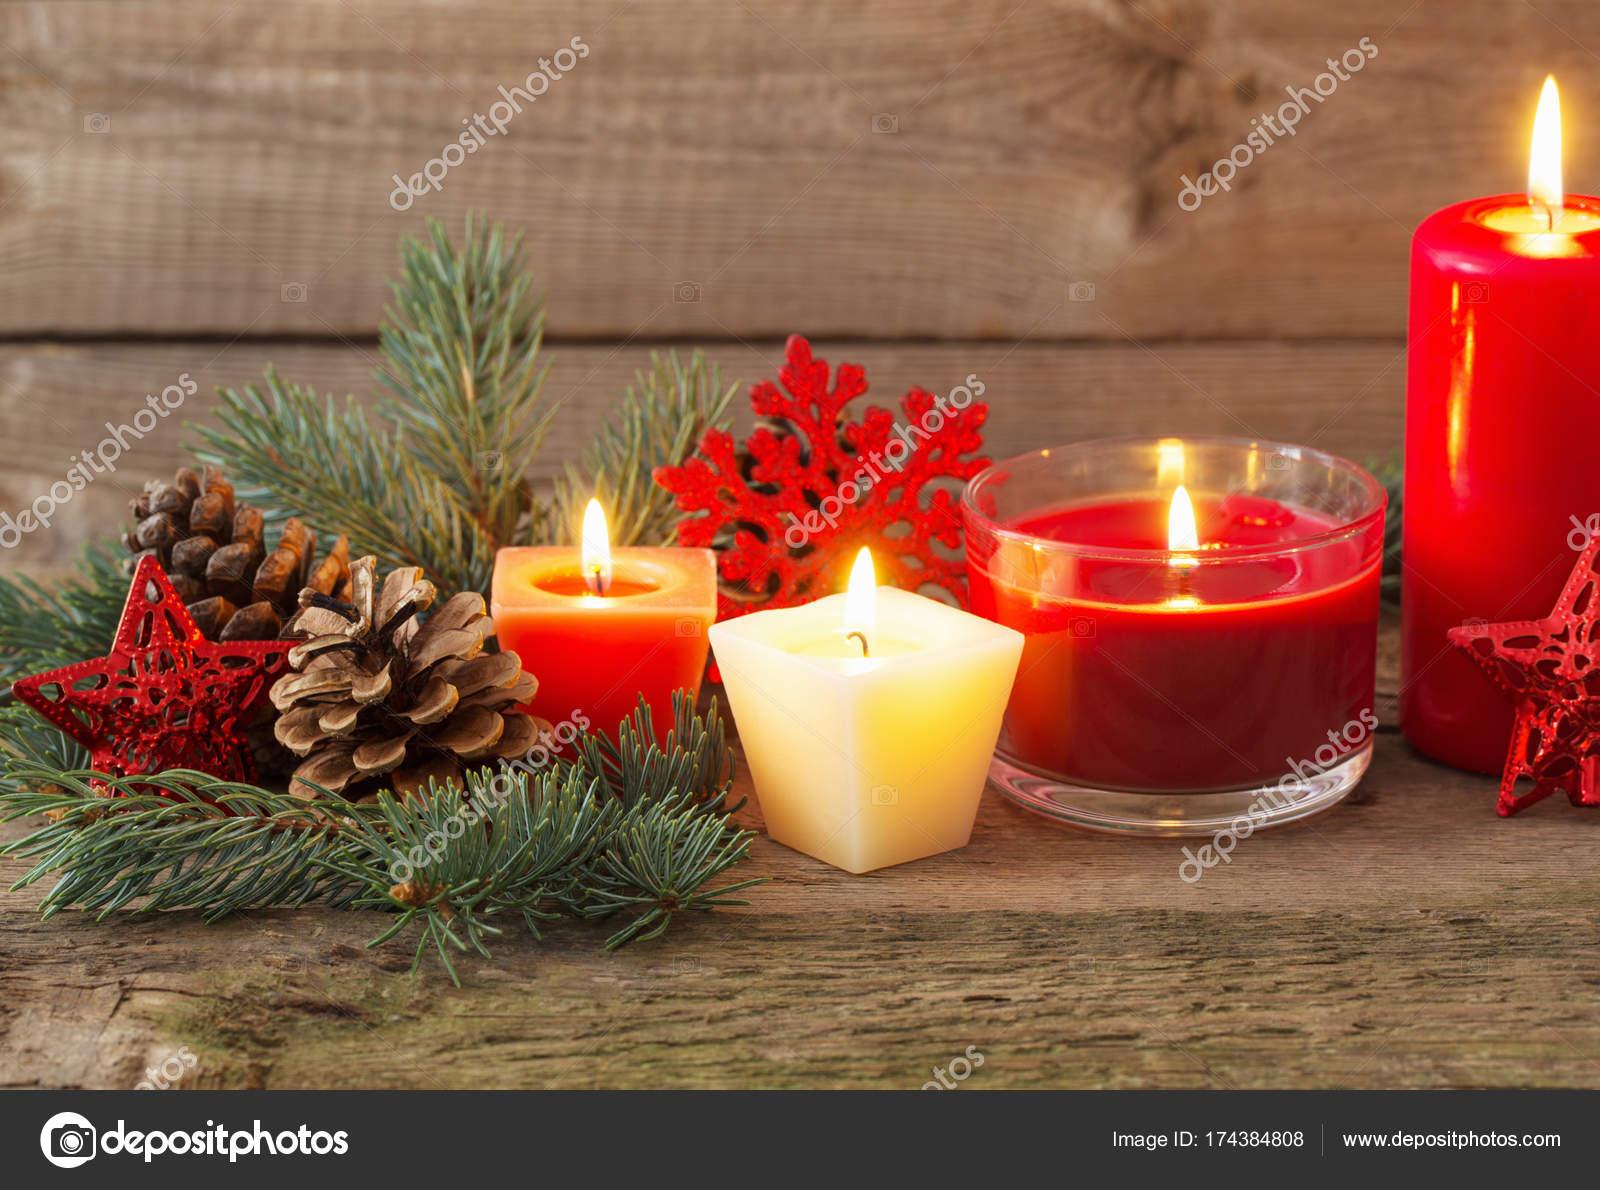 Kerstdecoraties Met Rood : Kerstdecoratie met rode kaarsen op houten achtergrond u stockfoto